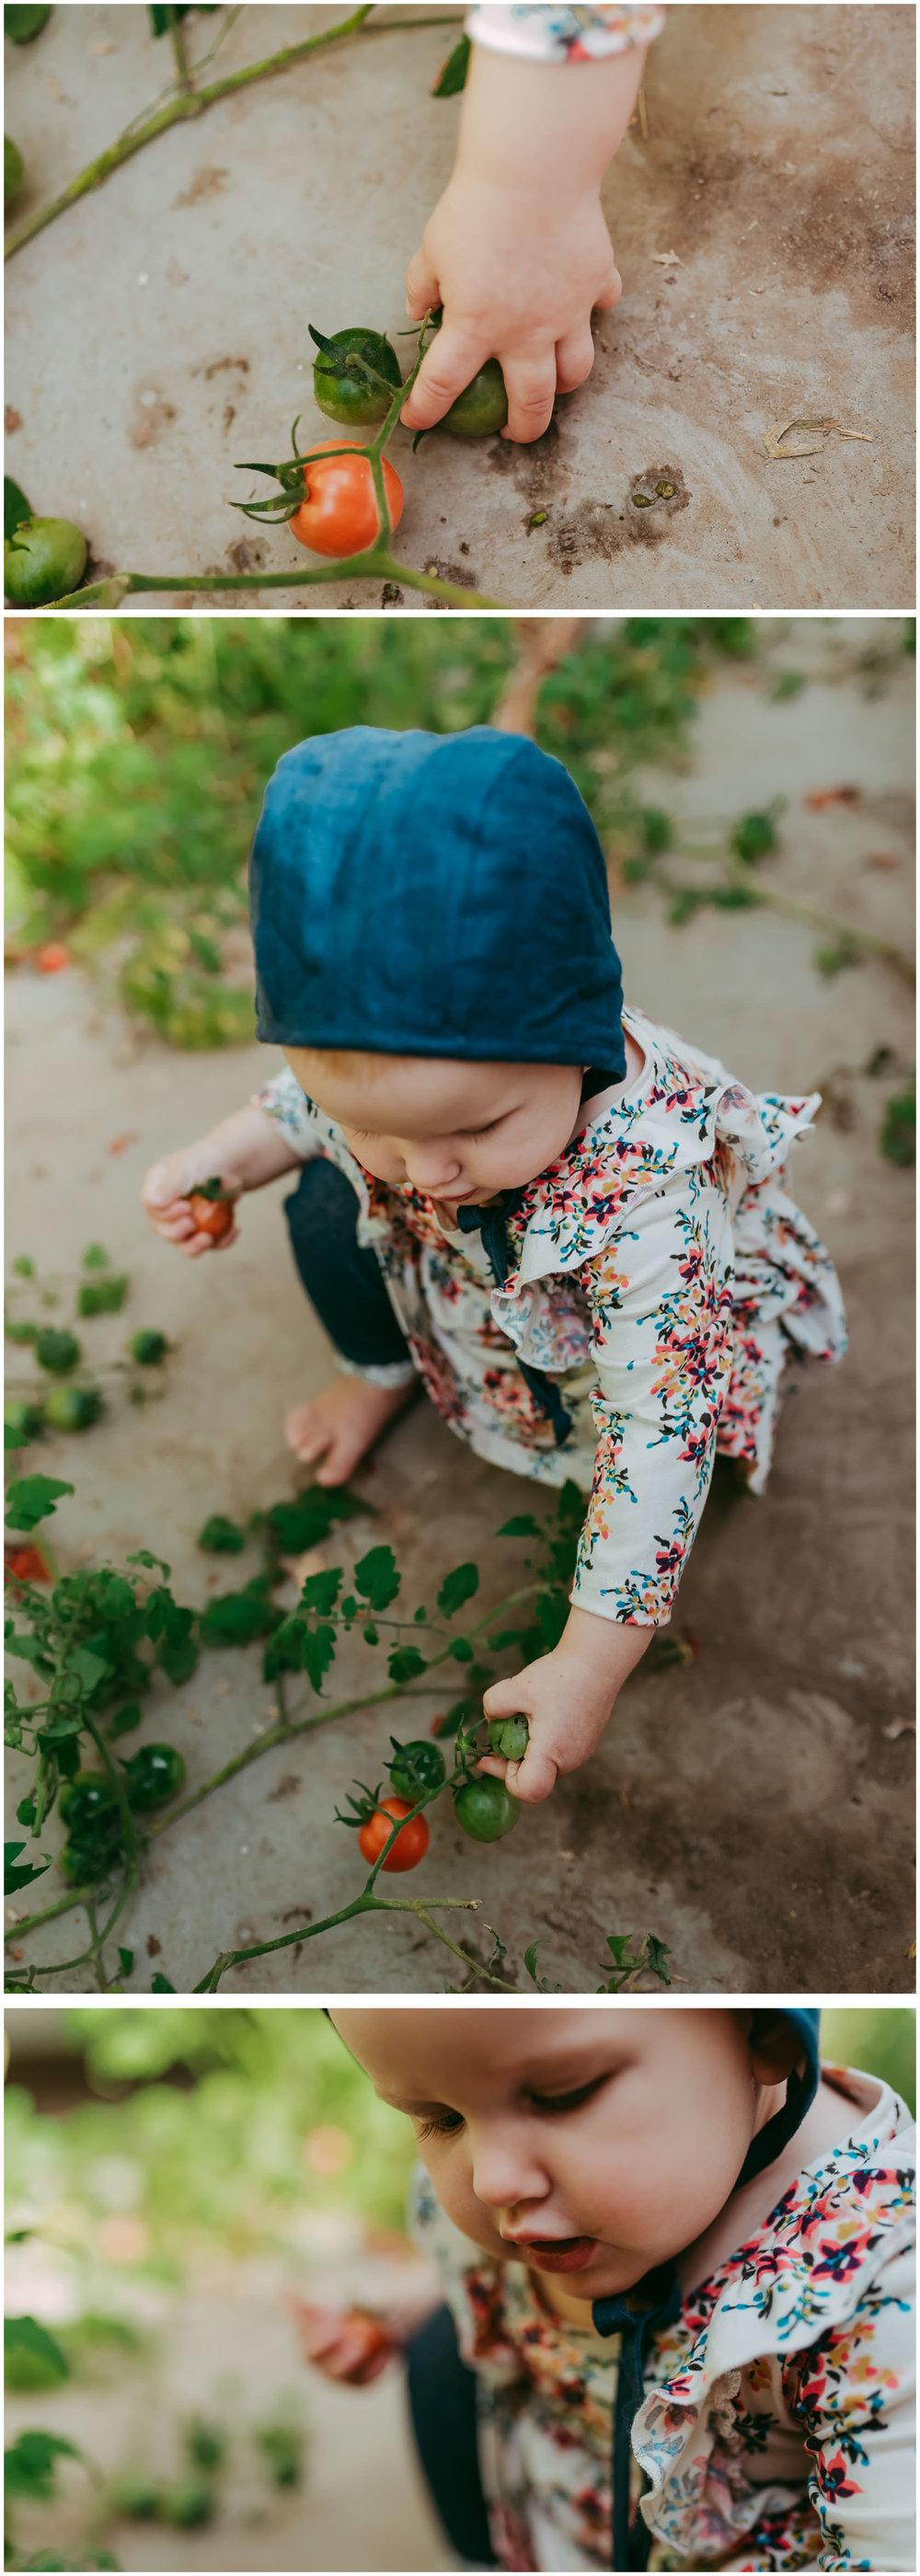 Gretta In The Greenhouse